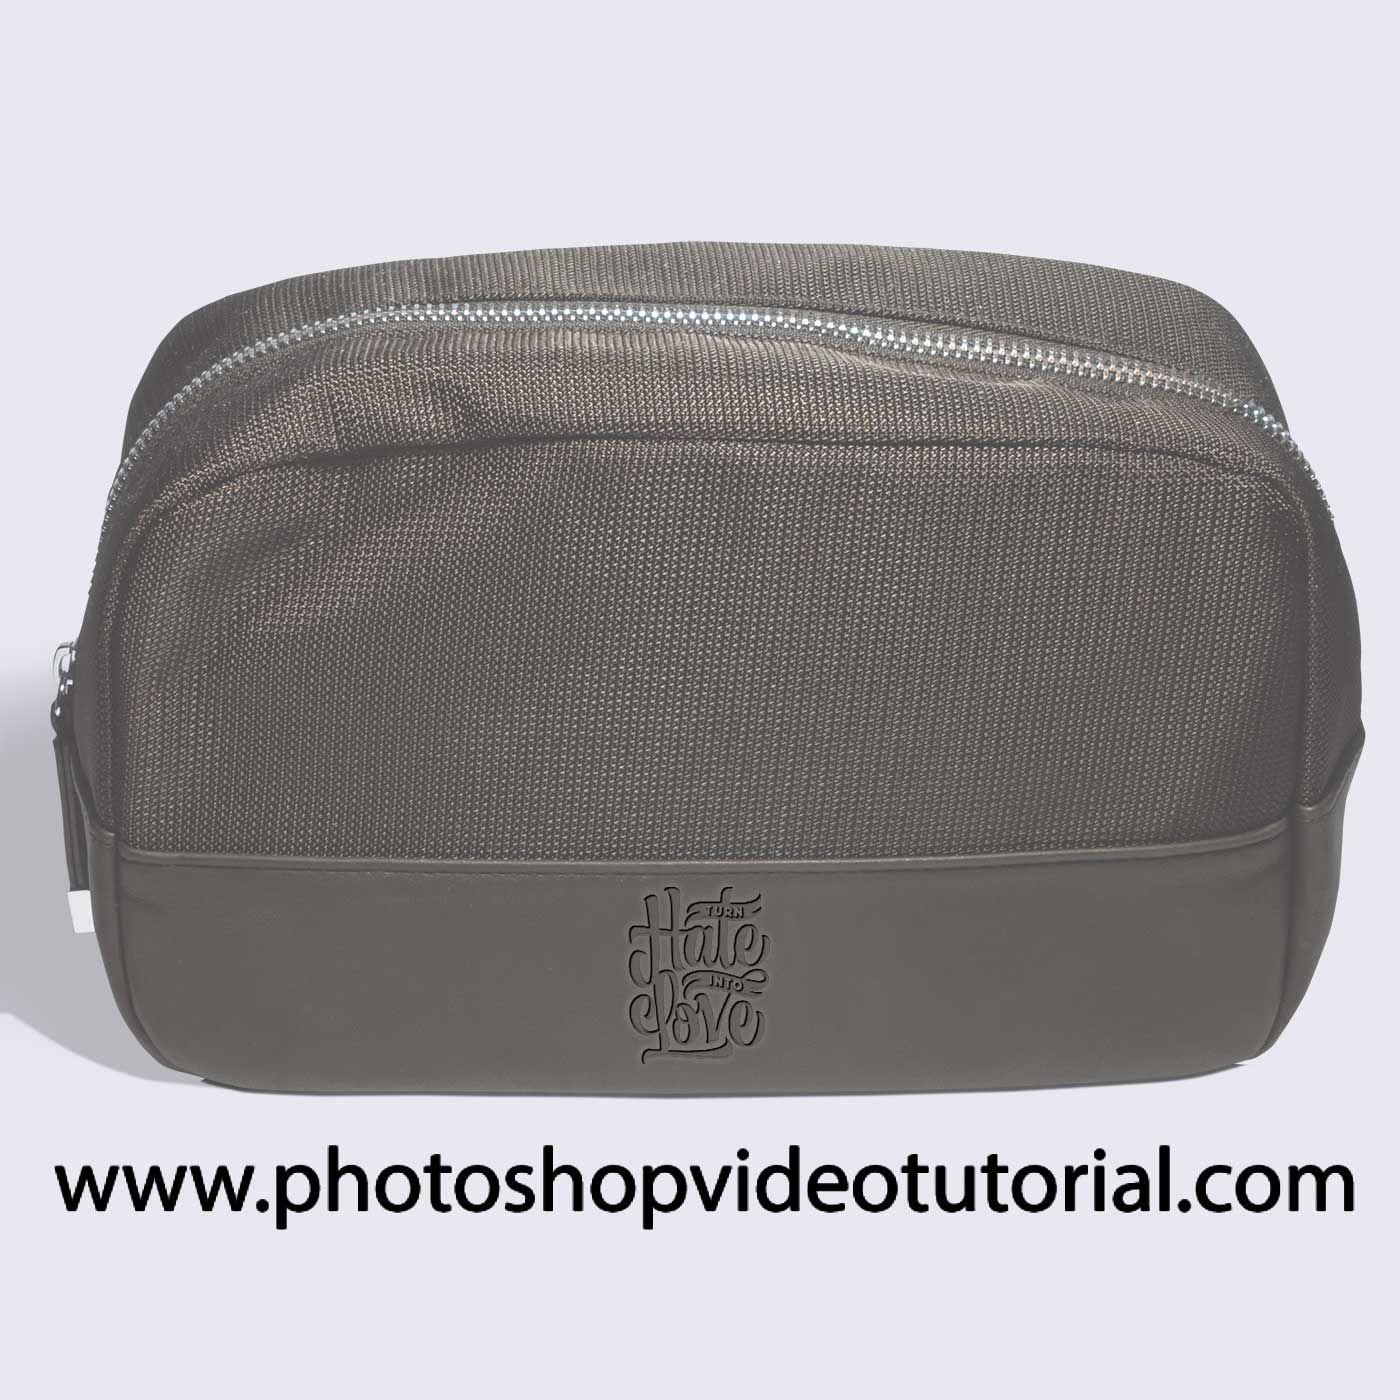 Download Sober Designed Leather Bag Psd Mockup Leather Bag Psd Mockup Mockup Free Download Bag Mockup Mockup Free Psd